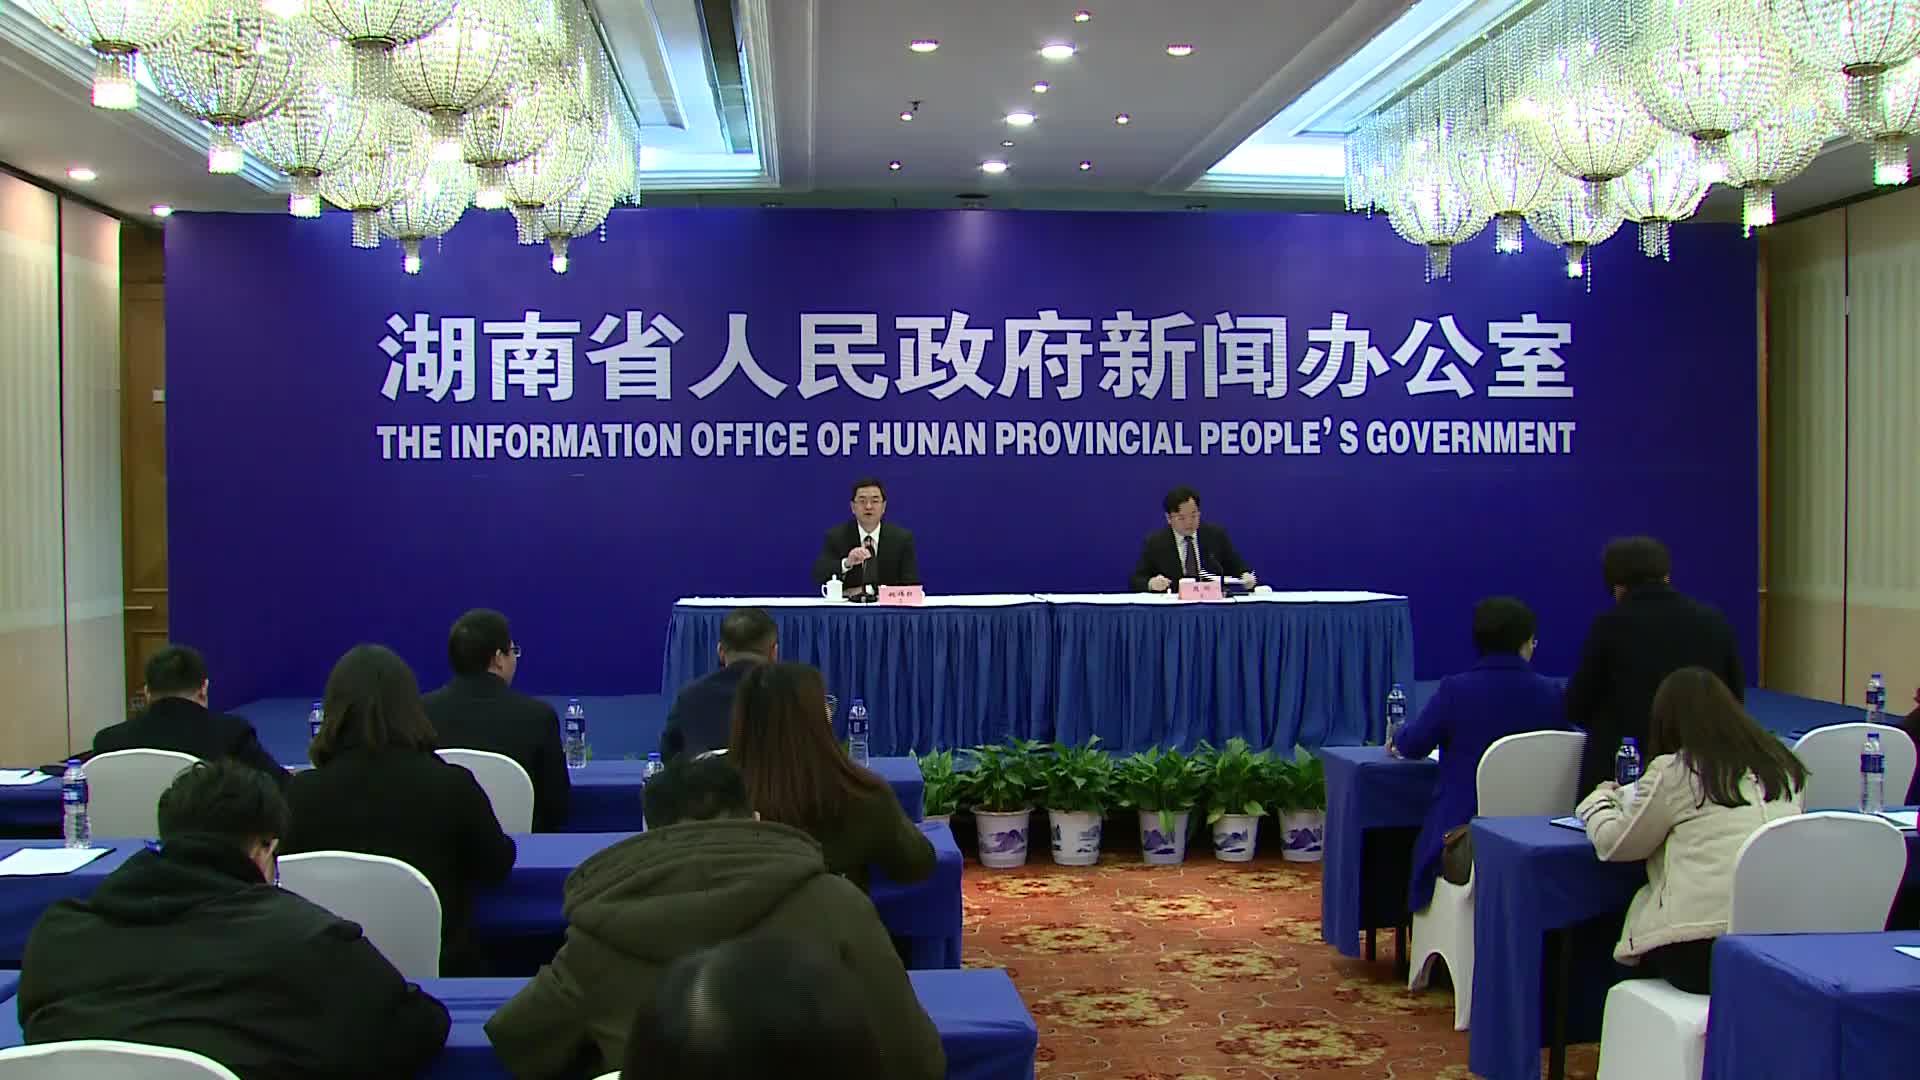 【全程回放】湖南省2017年度金融运行情况新闻发布会